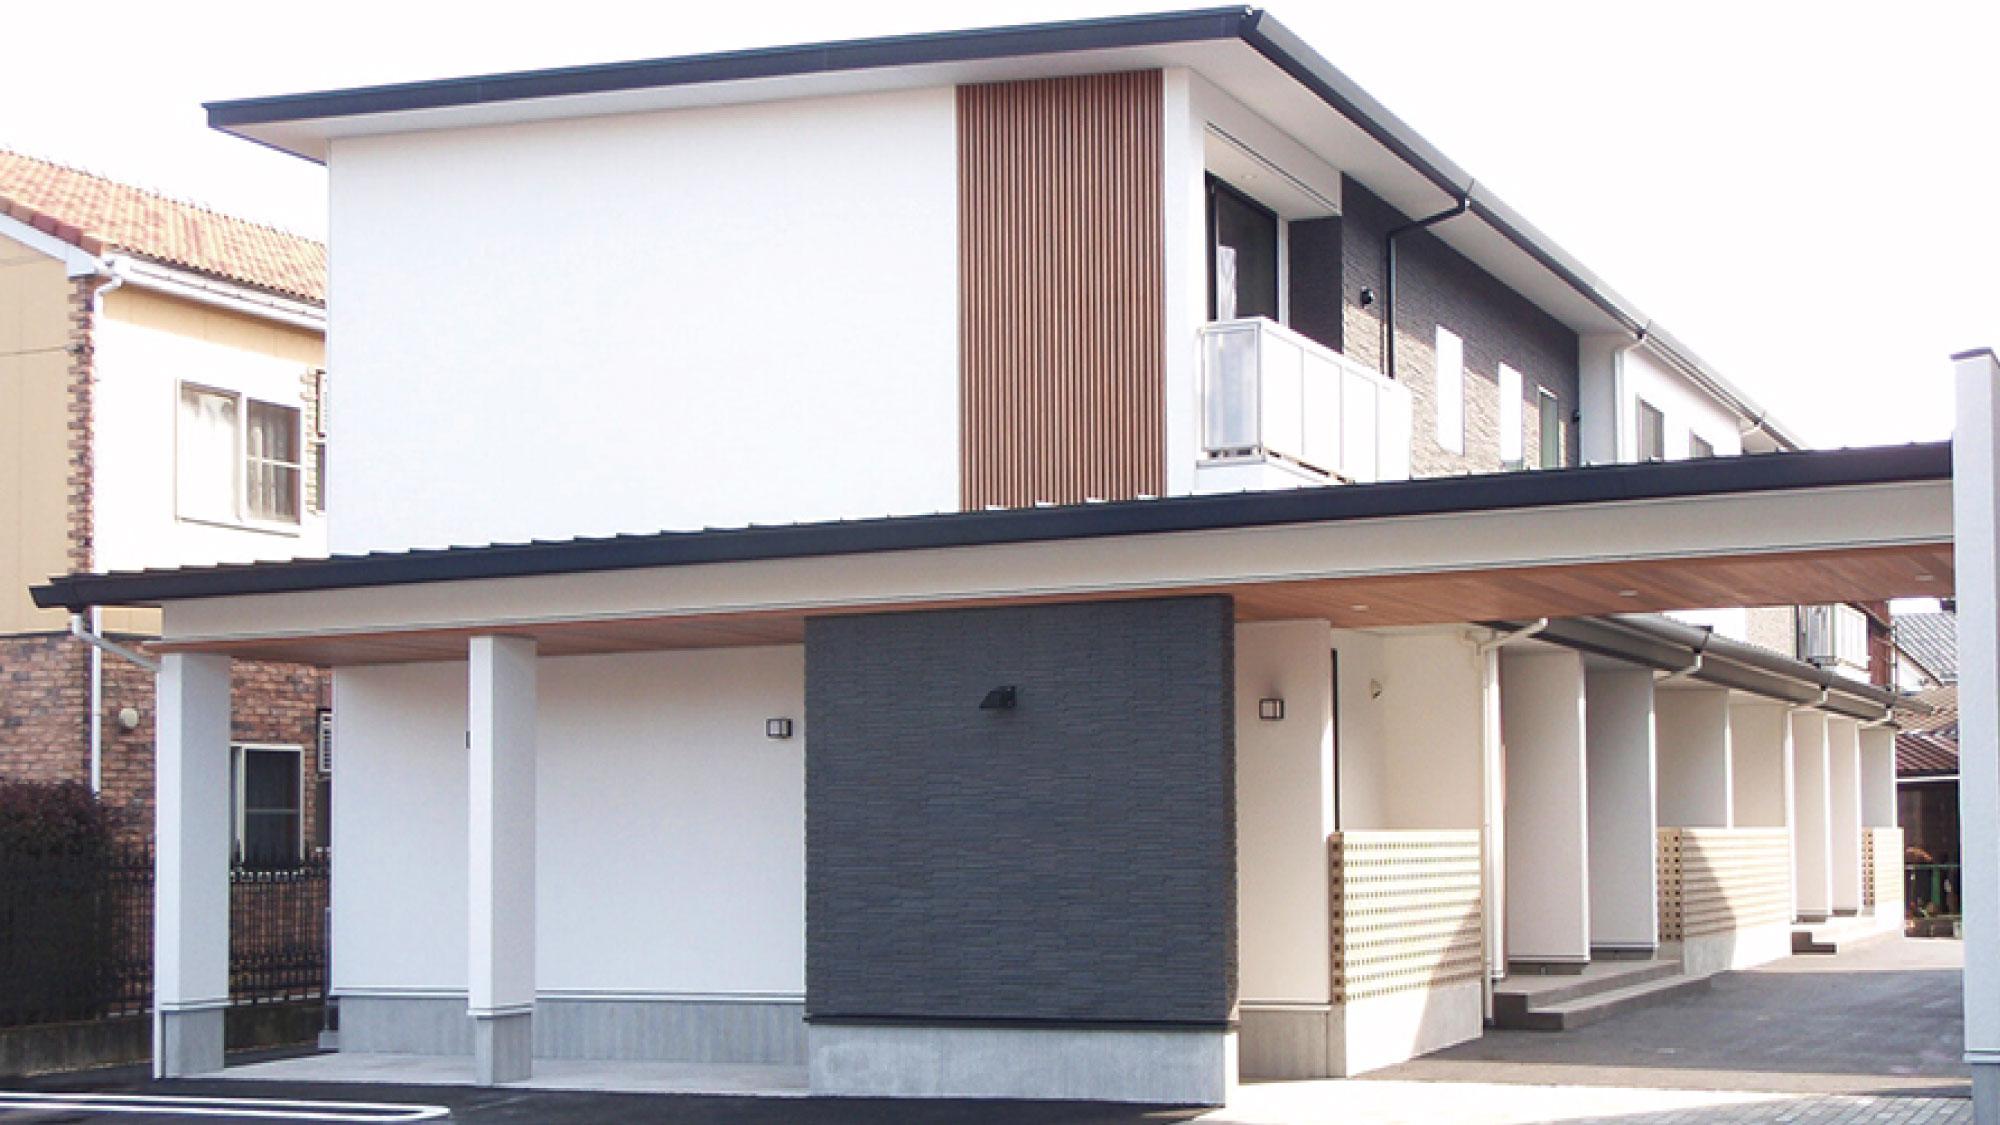 HIRO企画ははじめての家づくりを応援します